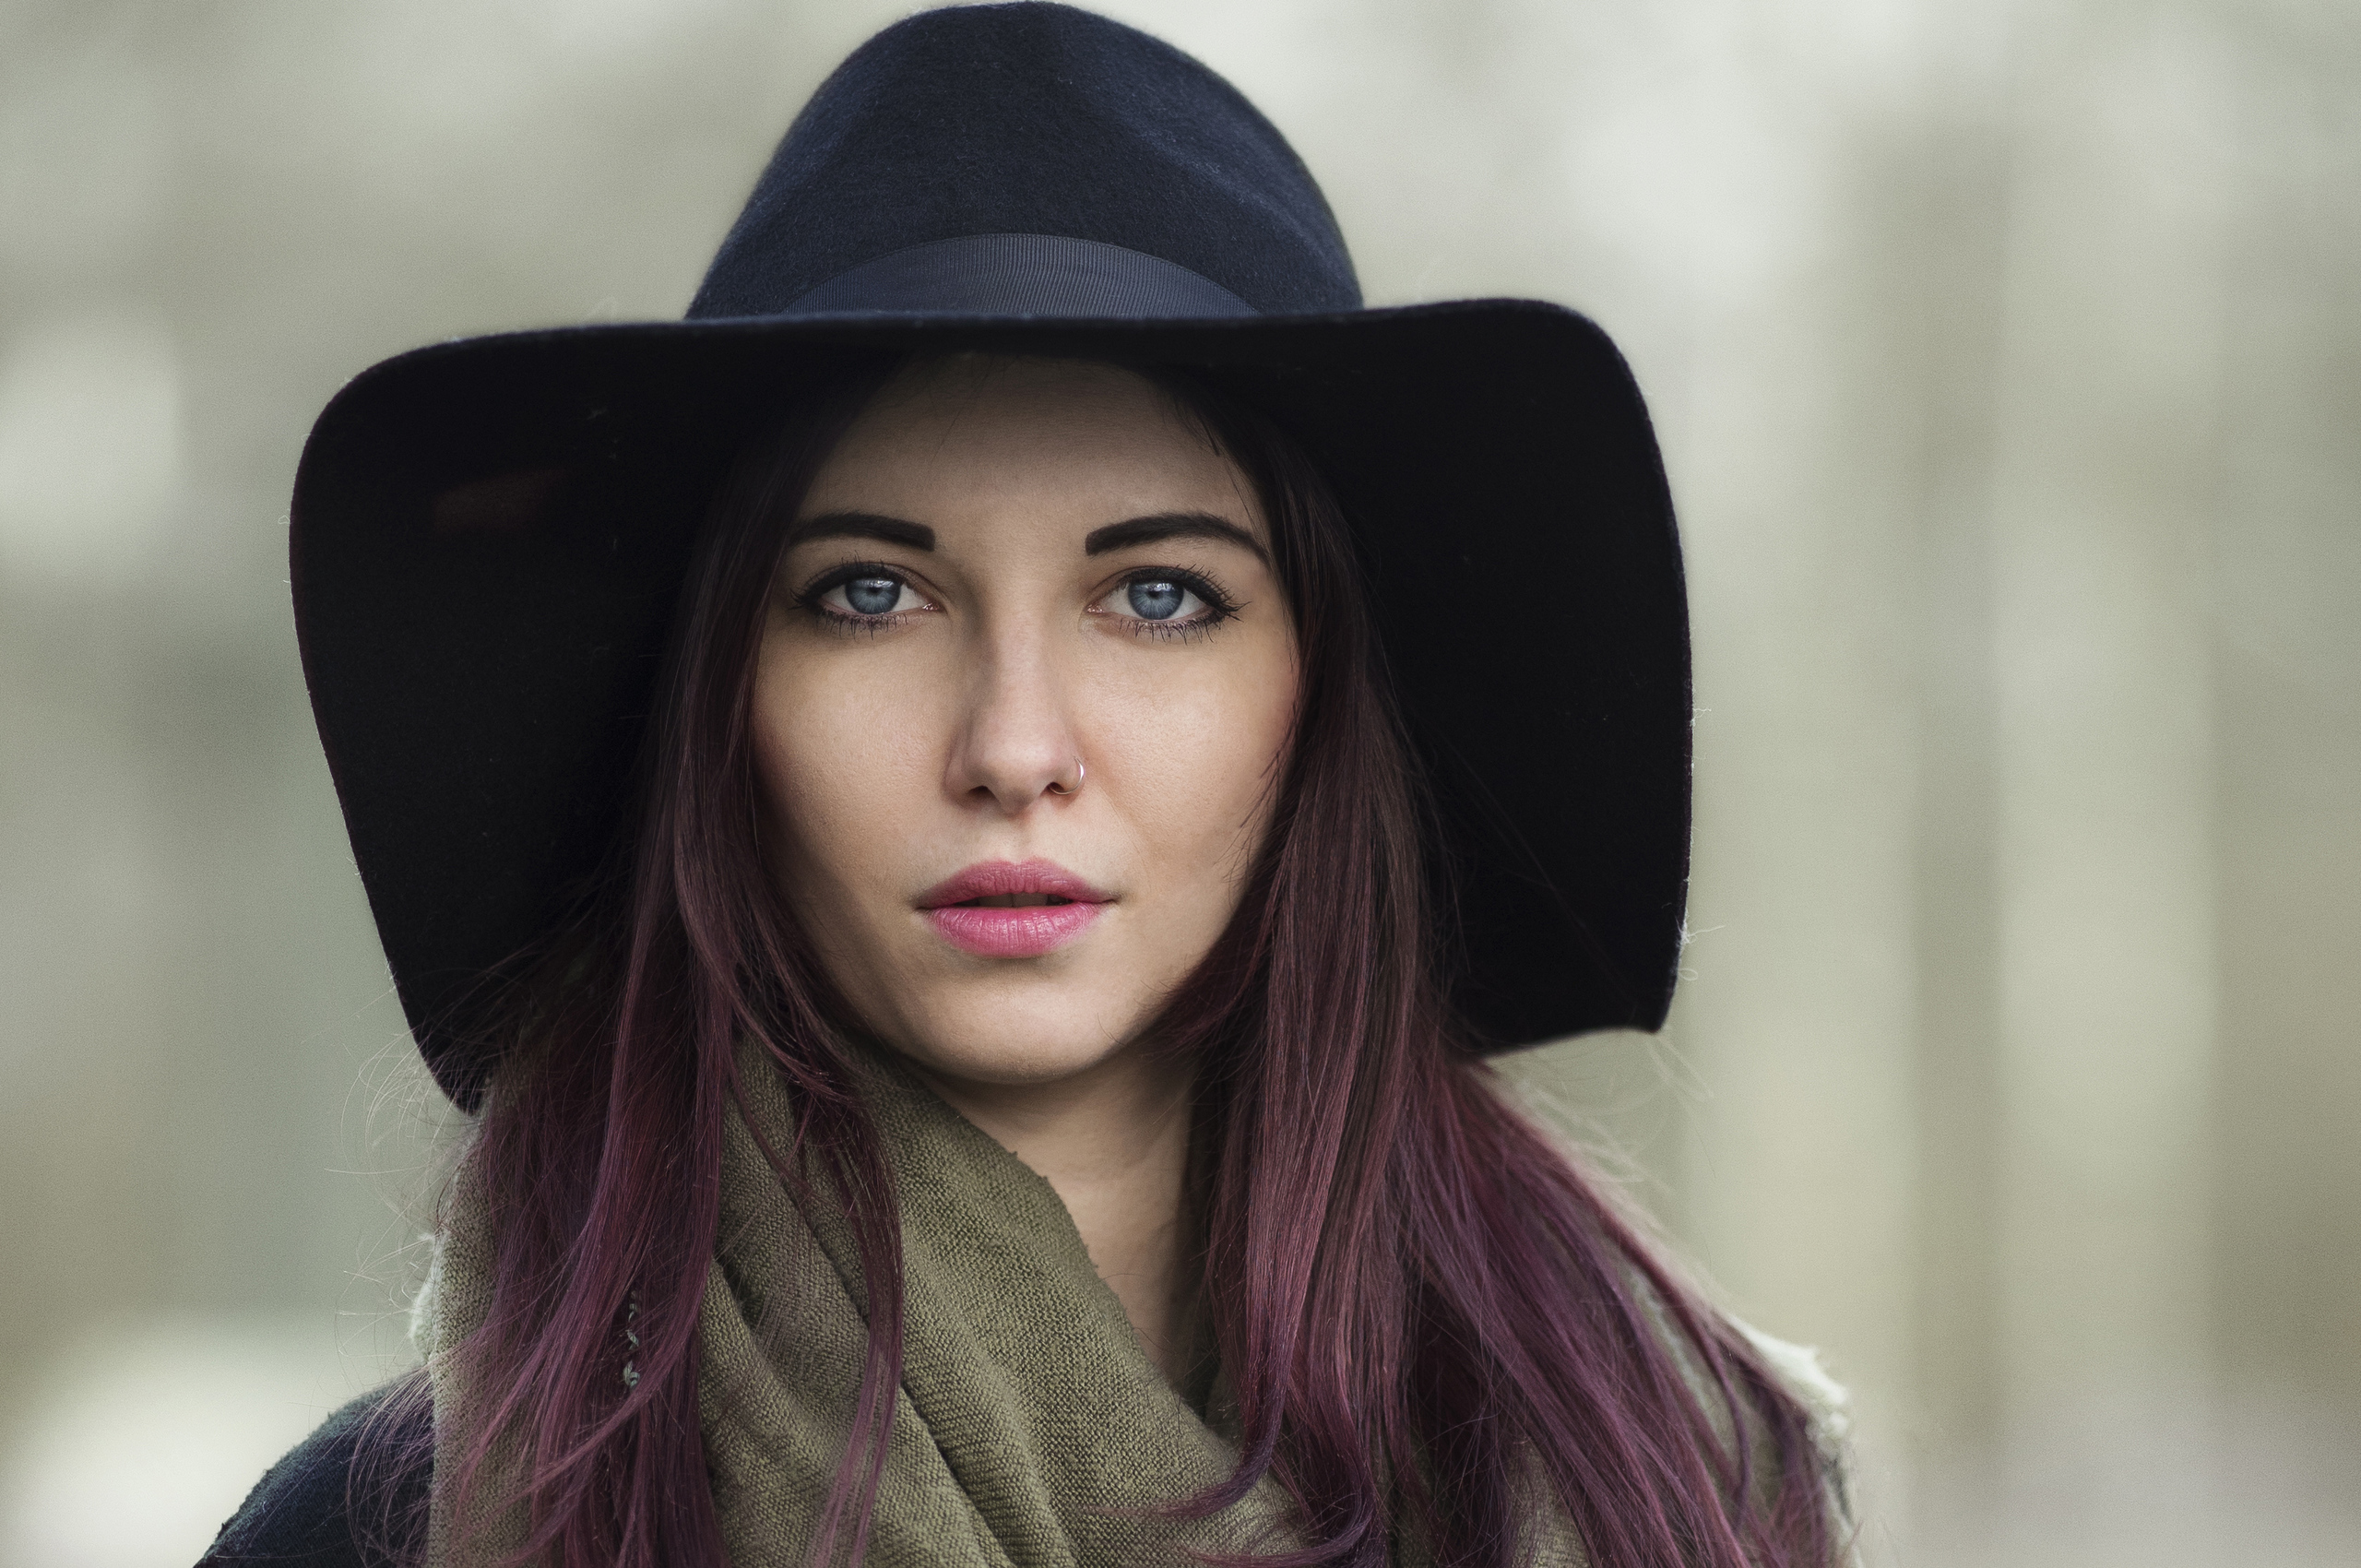 girl-black-hat-nose-pierced-4k-jh.jpg